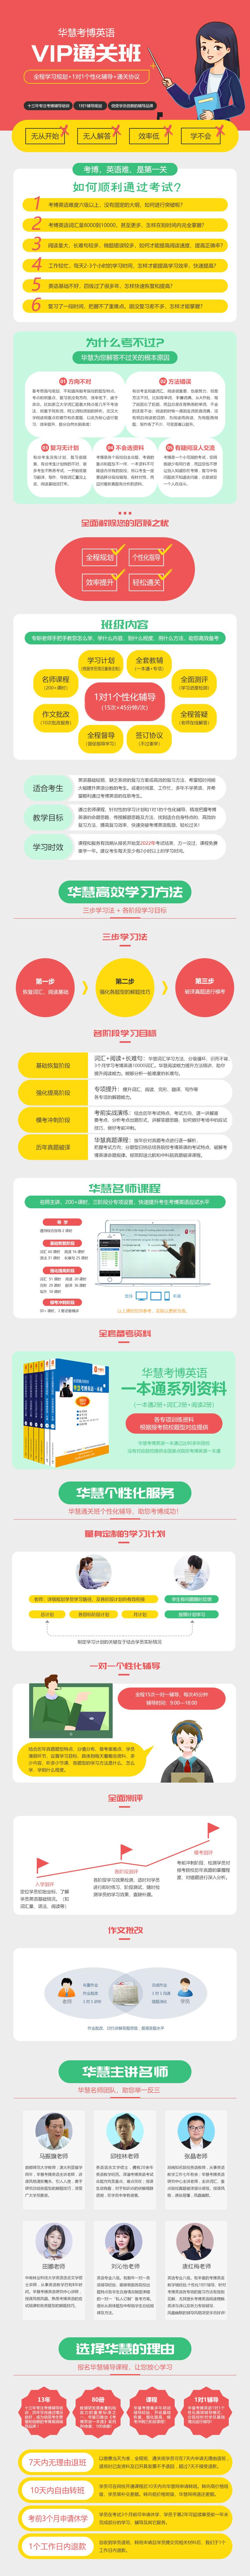 2022年广西大学考博英语VIP通关班【直播+录播】 -1对1个性化辅导(15次)